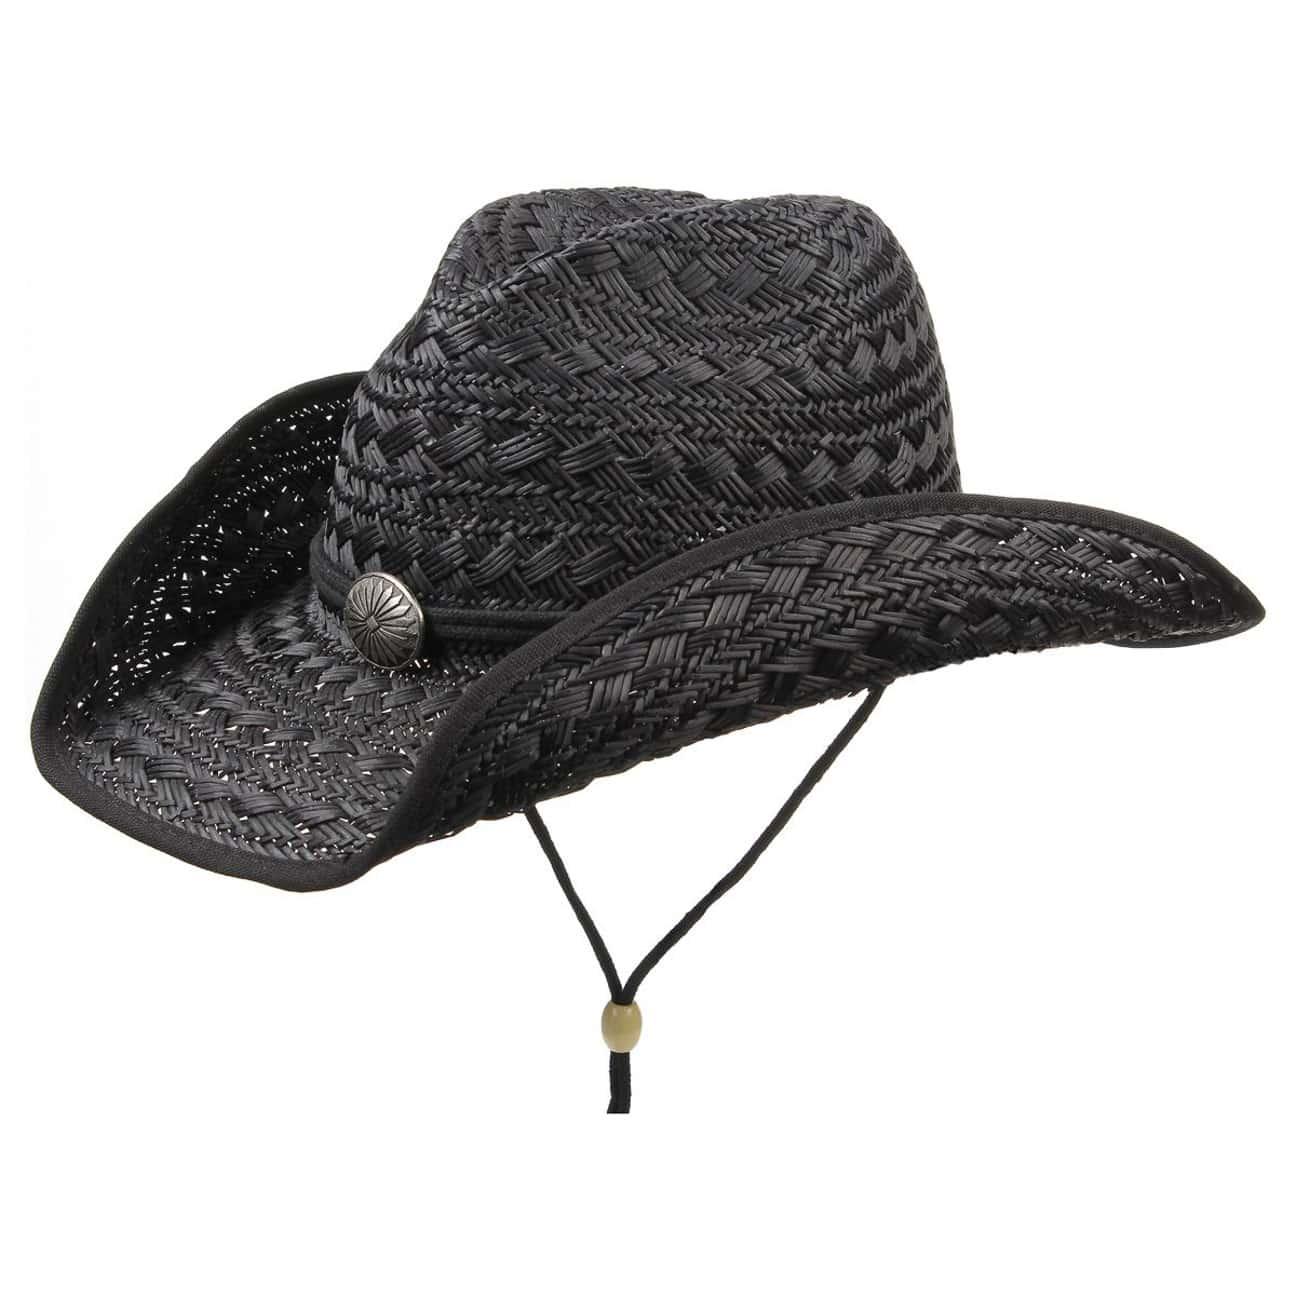 b3f79442e39a6 Sombrero de Paja Cowboy Minnesota - Sombreros - sombreroshop.es